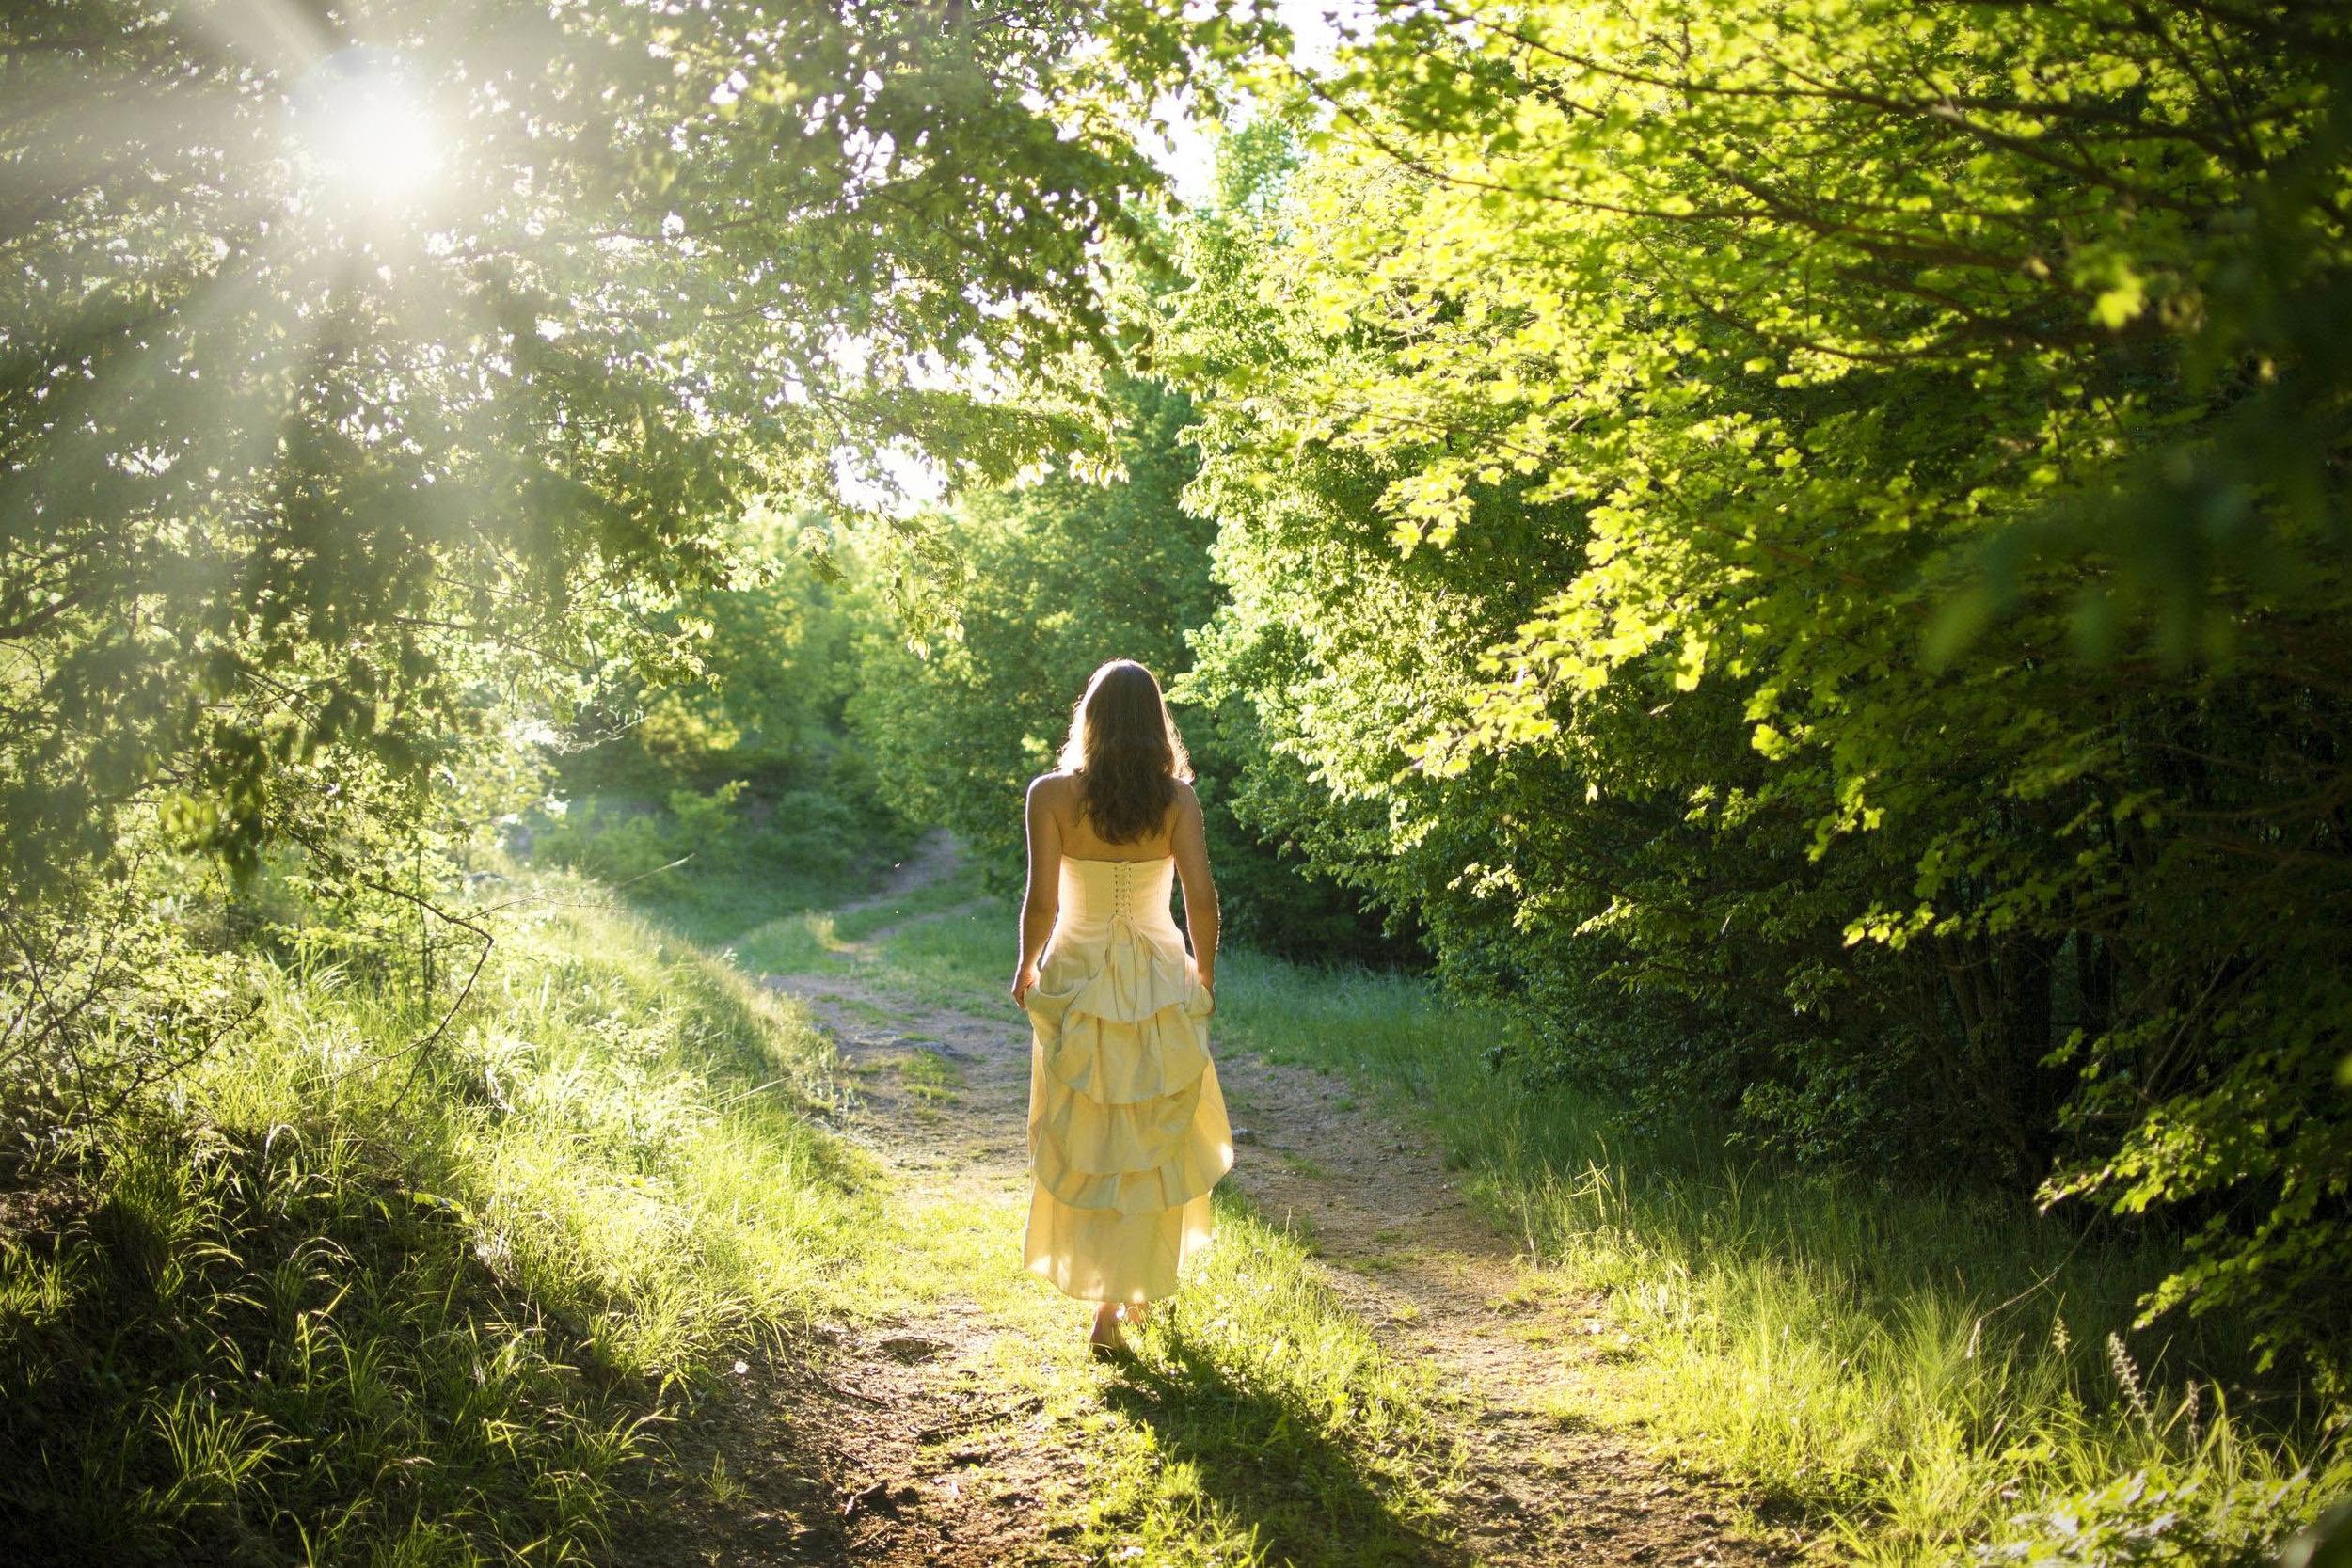 Woman Walking in Forest.jpg